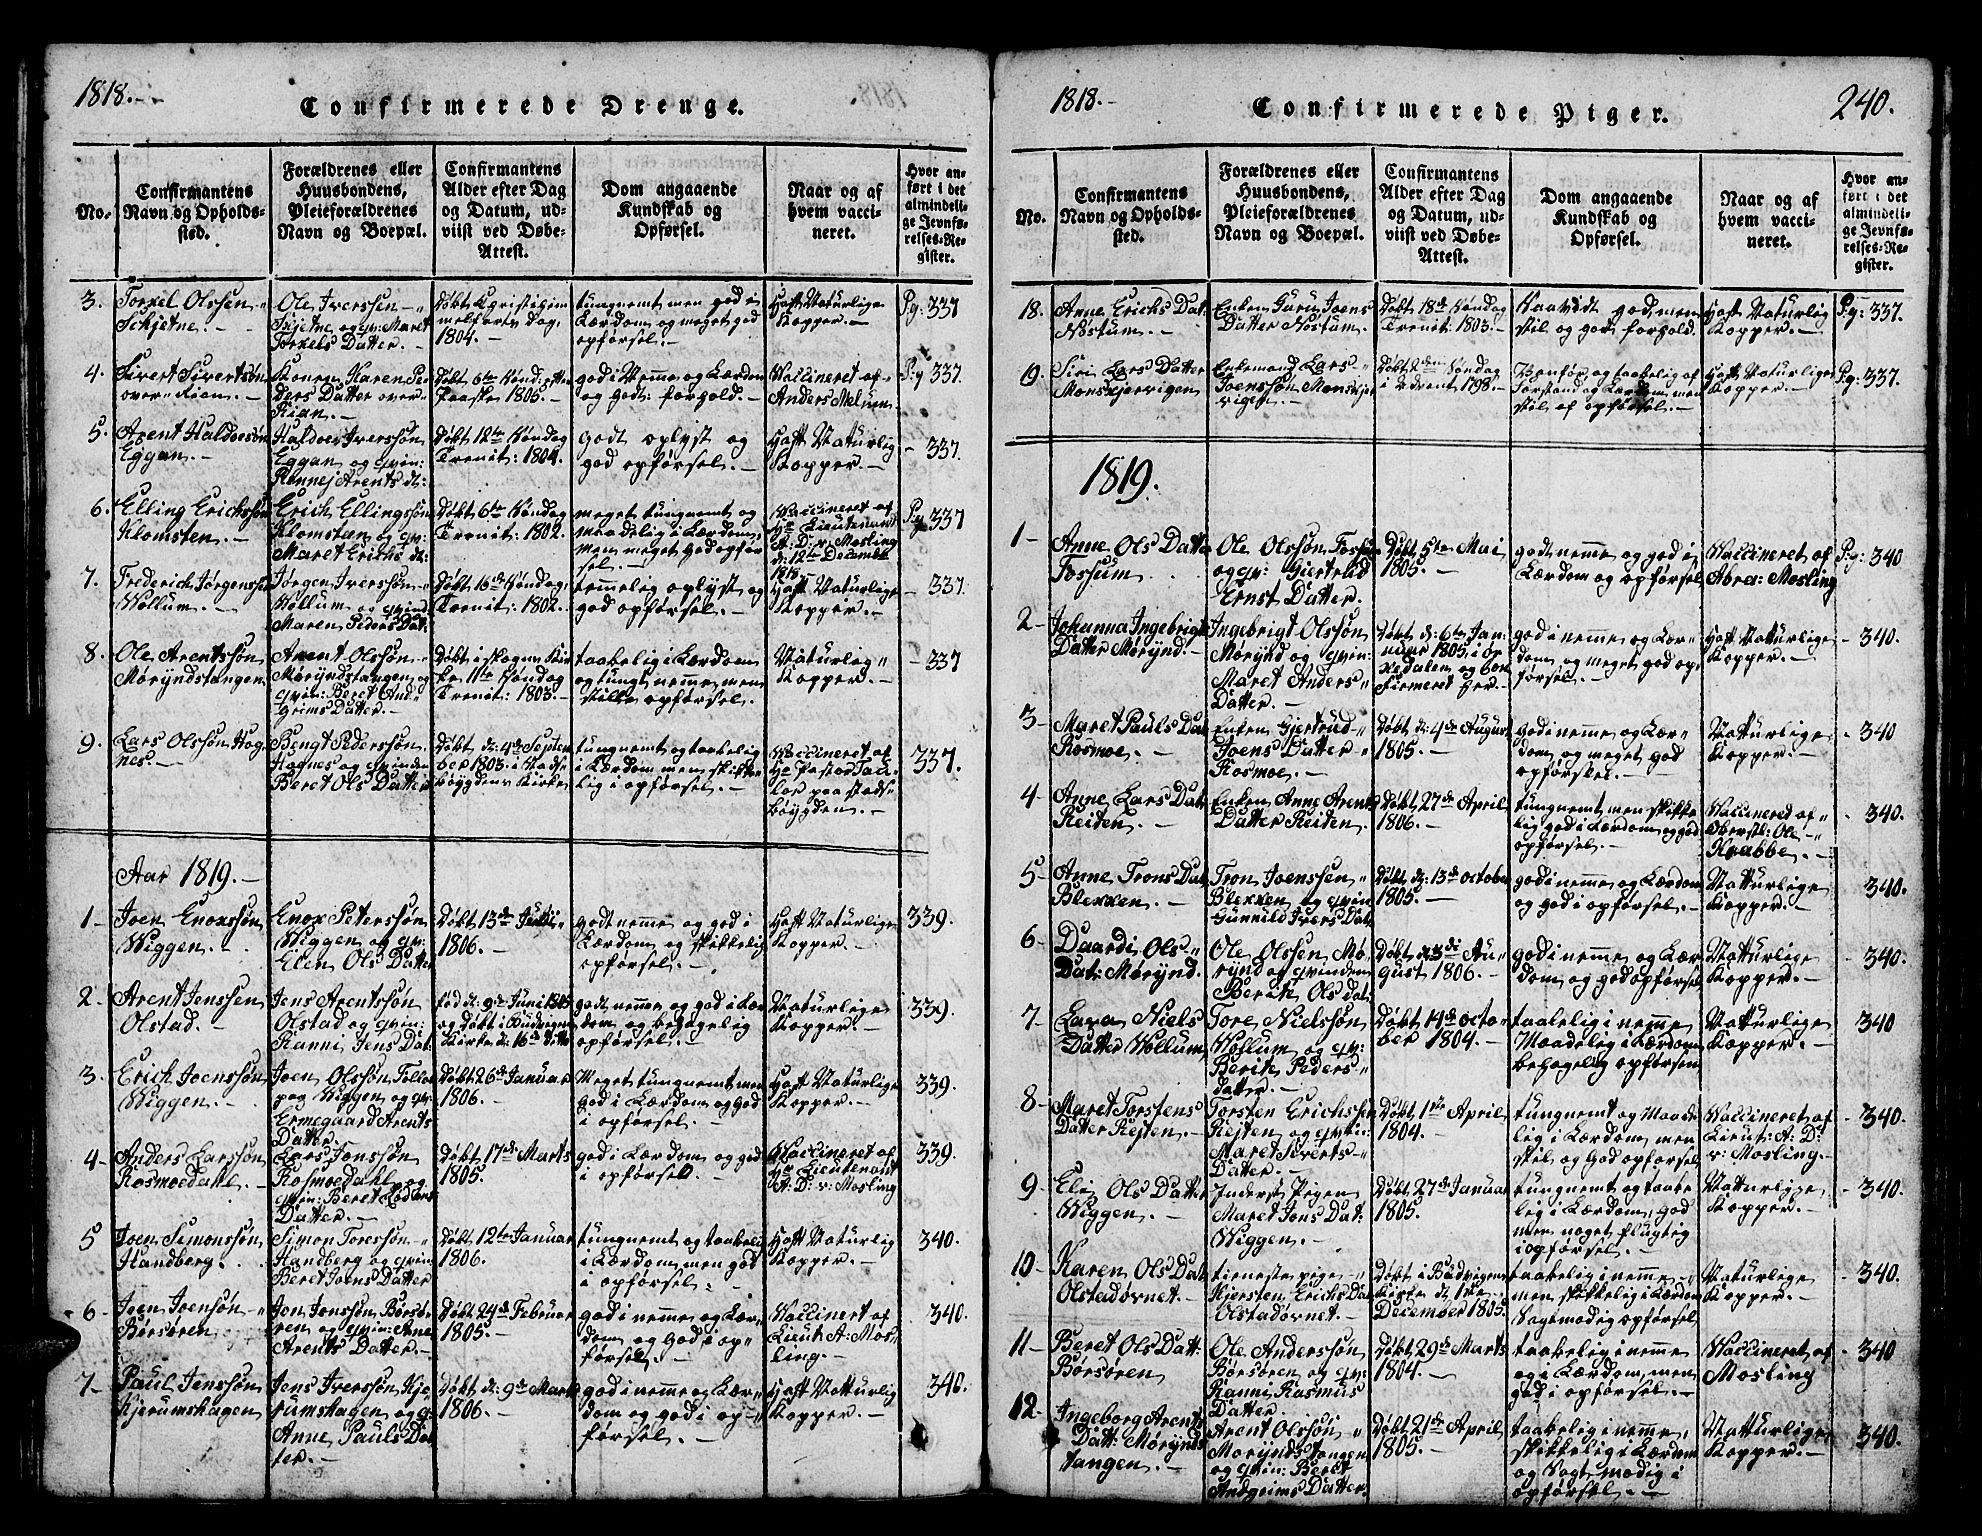 SAT, Ministerialprotokoller, klokkerbøker og fødselsregistre - Sør-Trøndelag, 665/L0776: Klokkerbok nr. 665C01, 1817-1837, s. 240